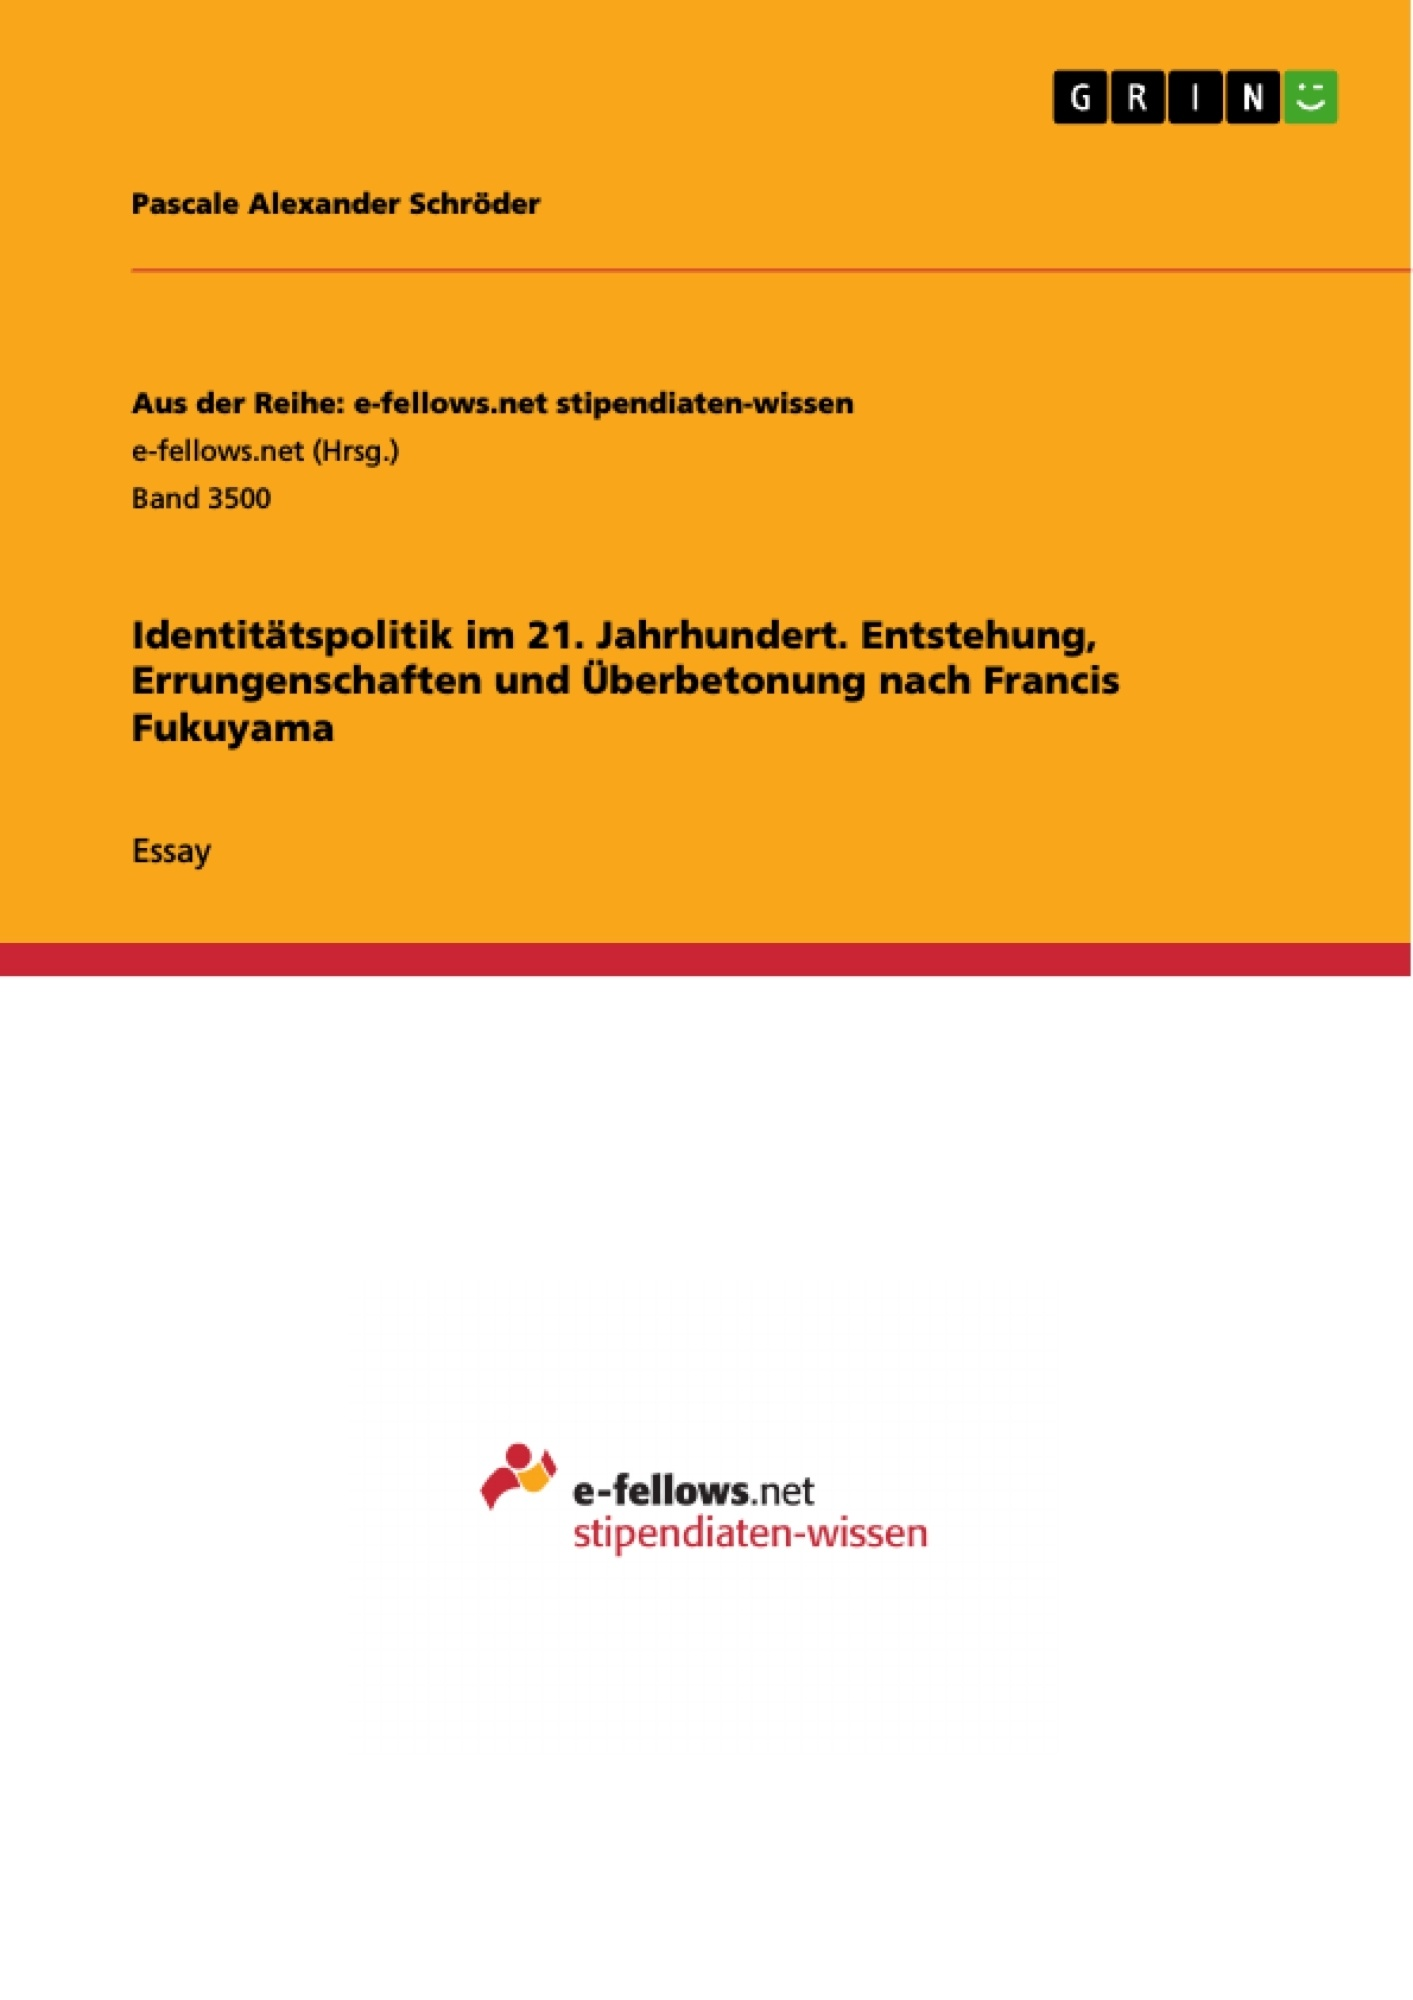 Titel: Identitätspolitik im 21. Jahrhundert. Entstehung, Errungenschaften und Überbetonung nach Francis Fukuyama